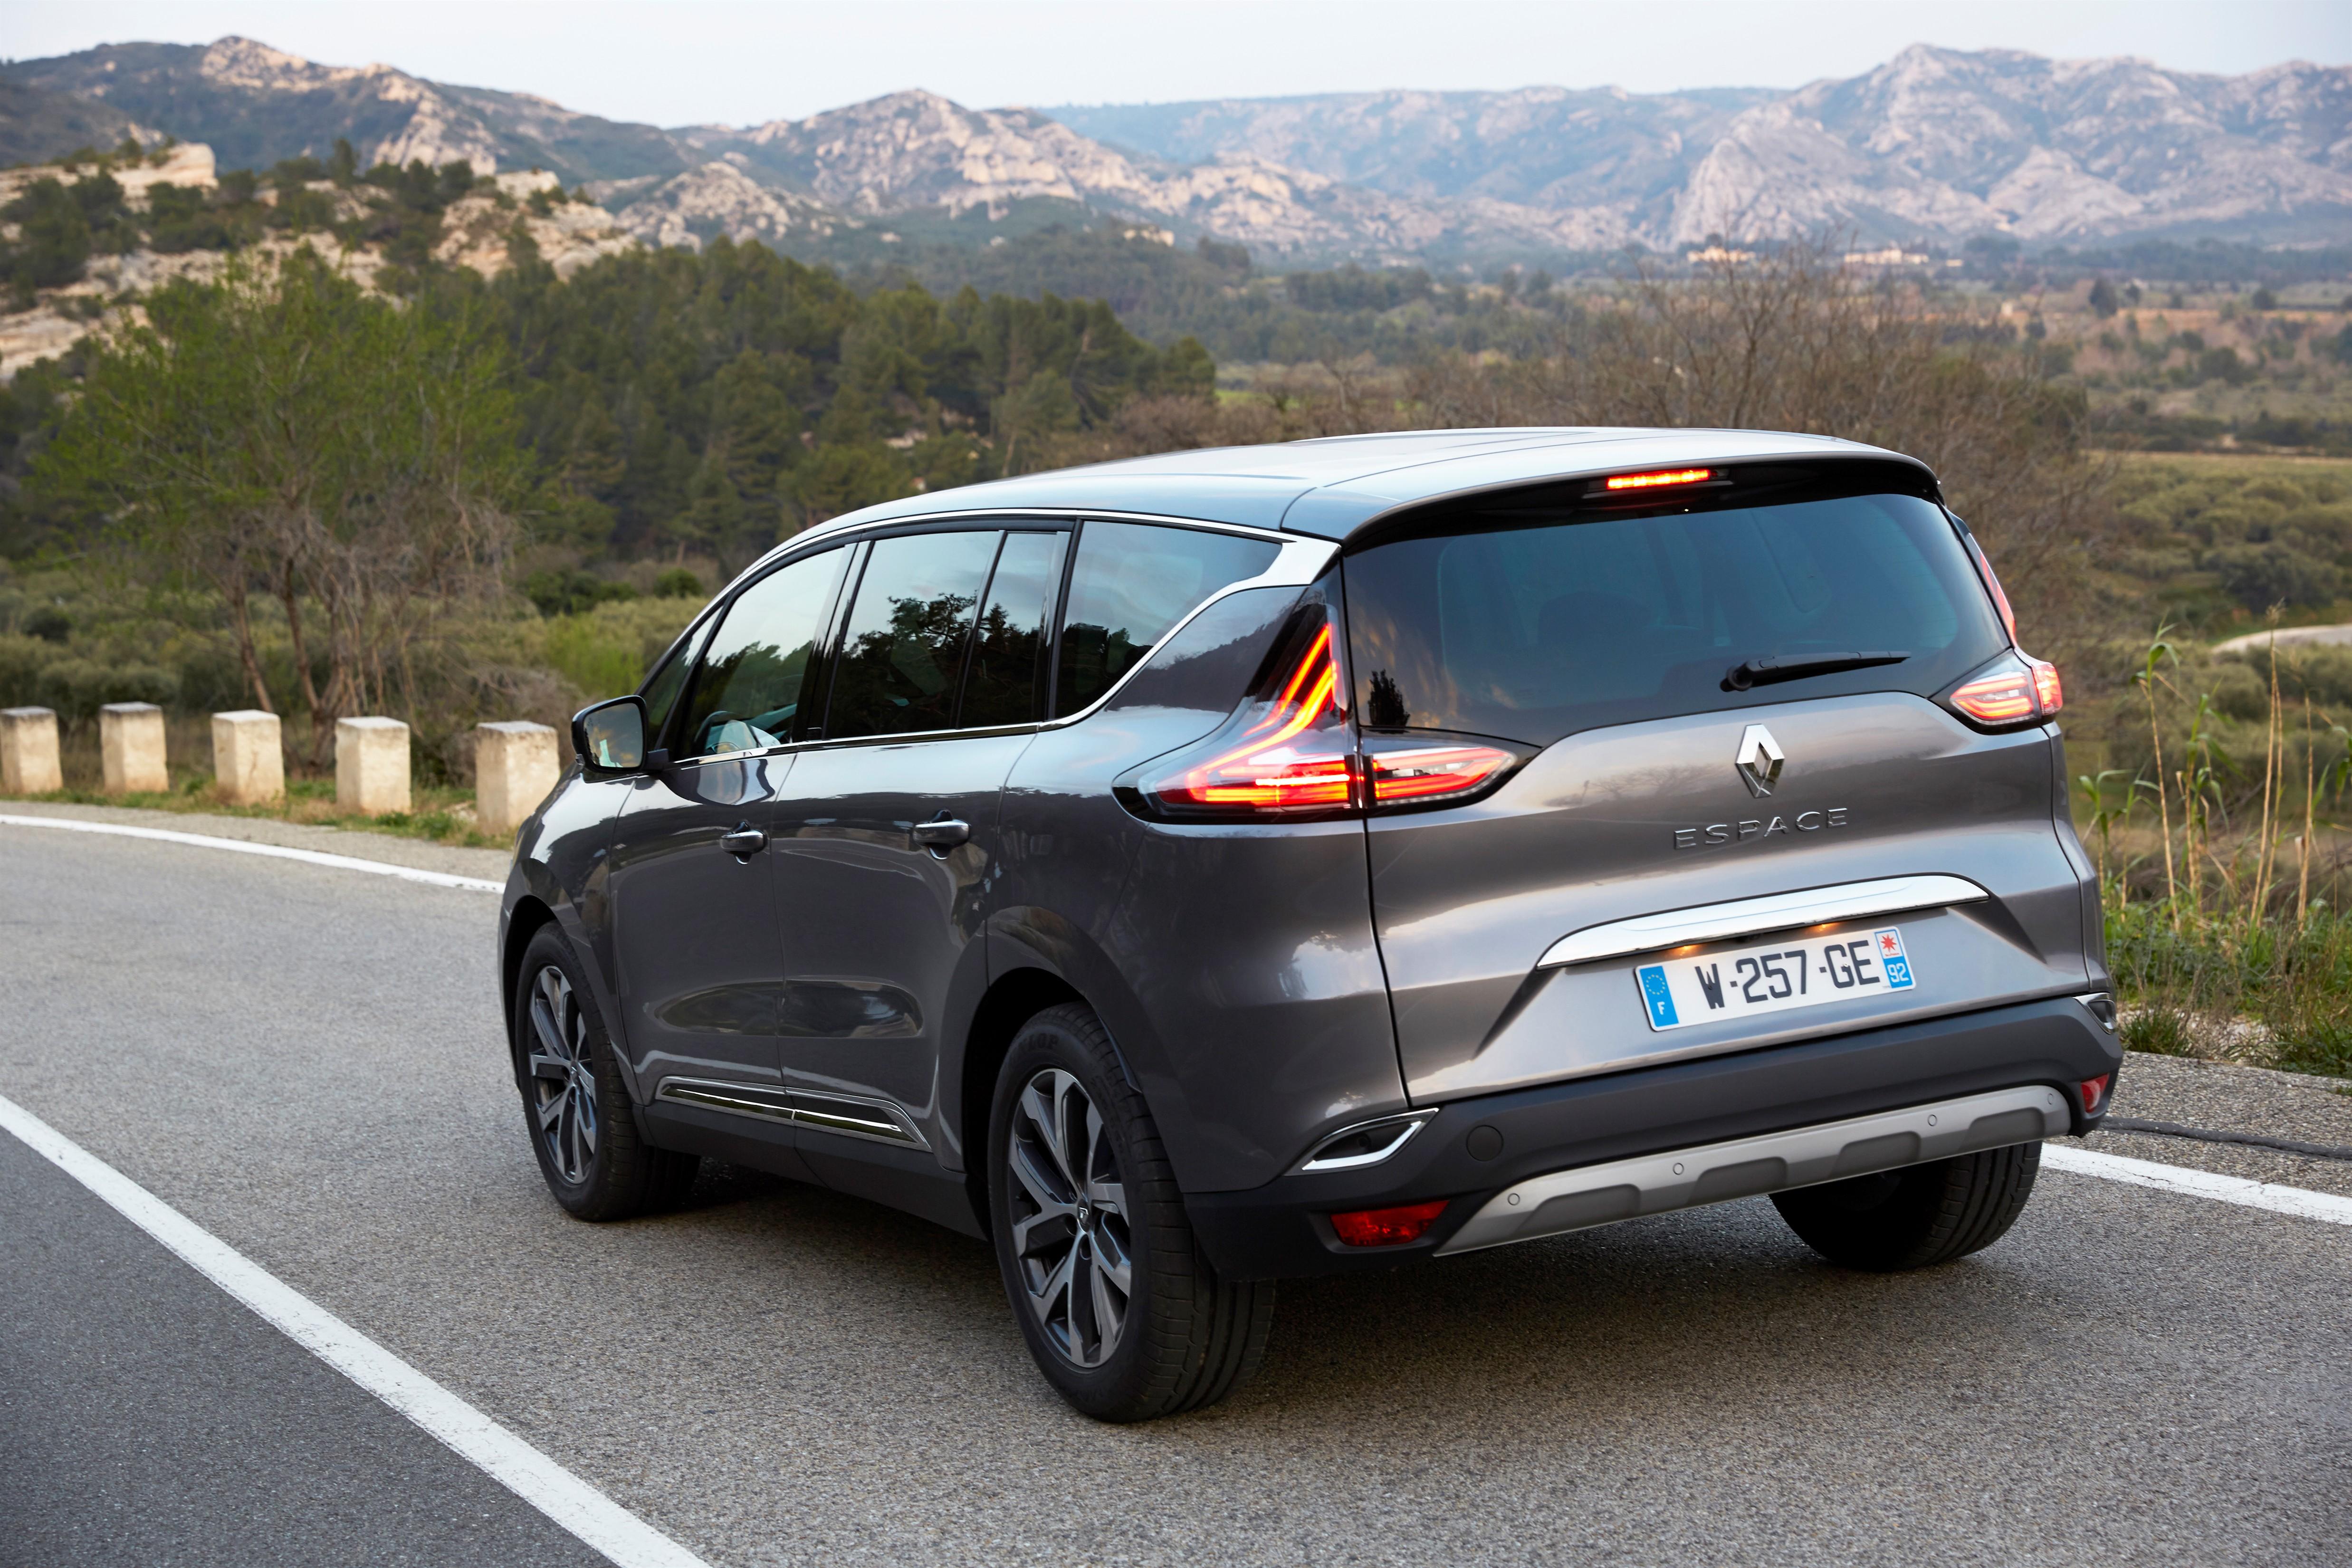 Renault contesta le conclusioni su Espace